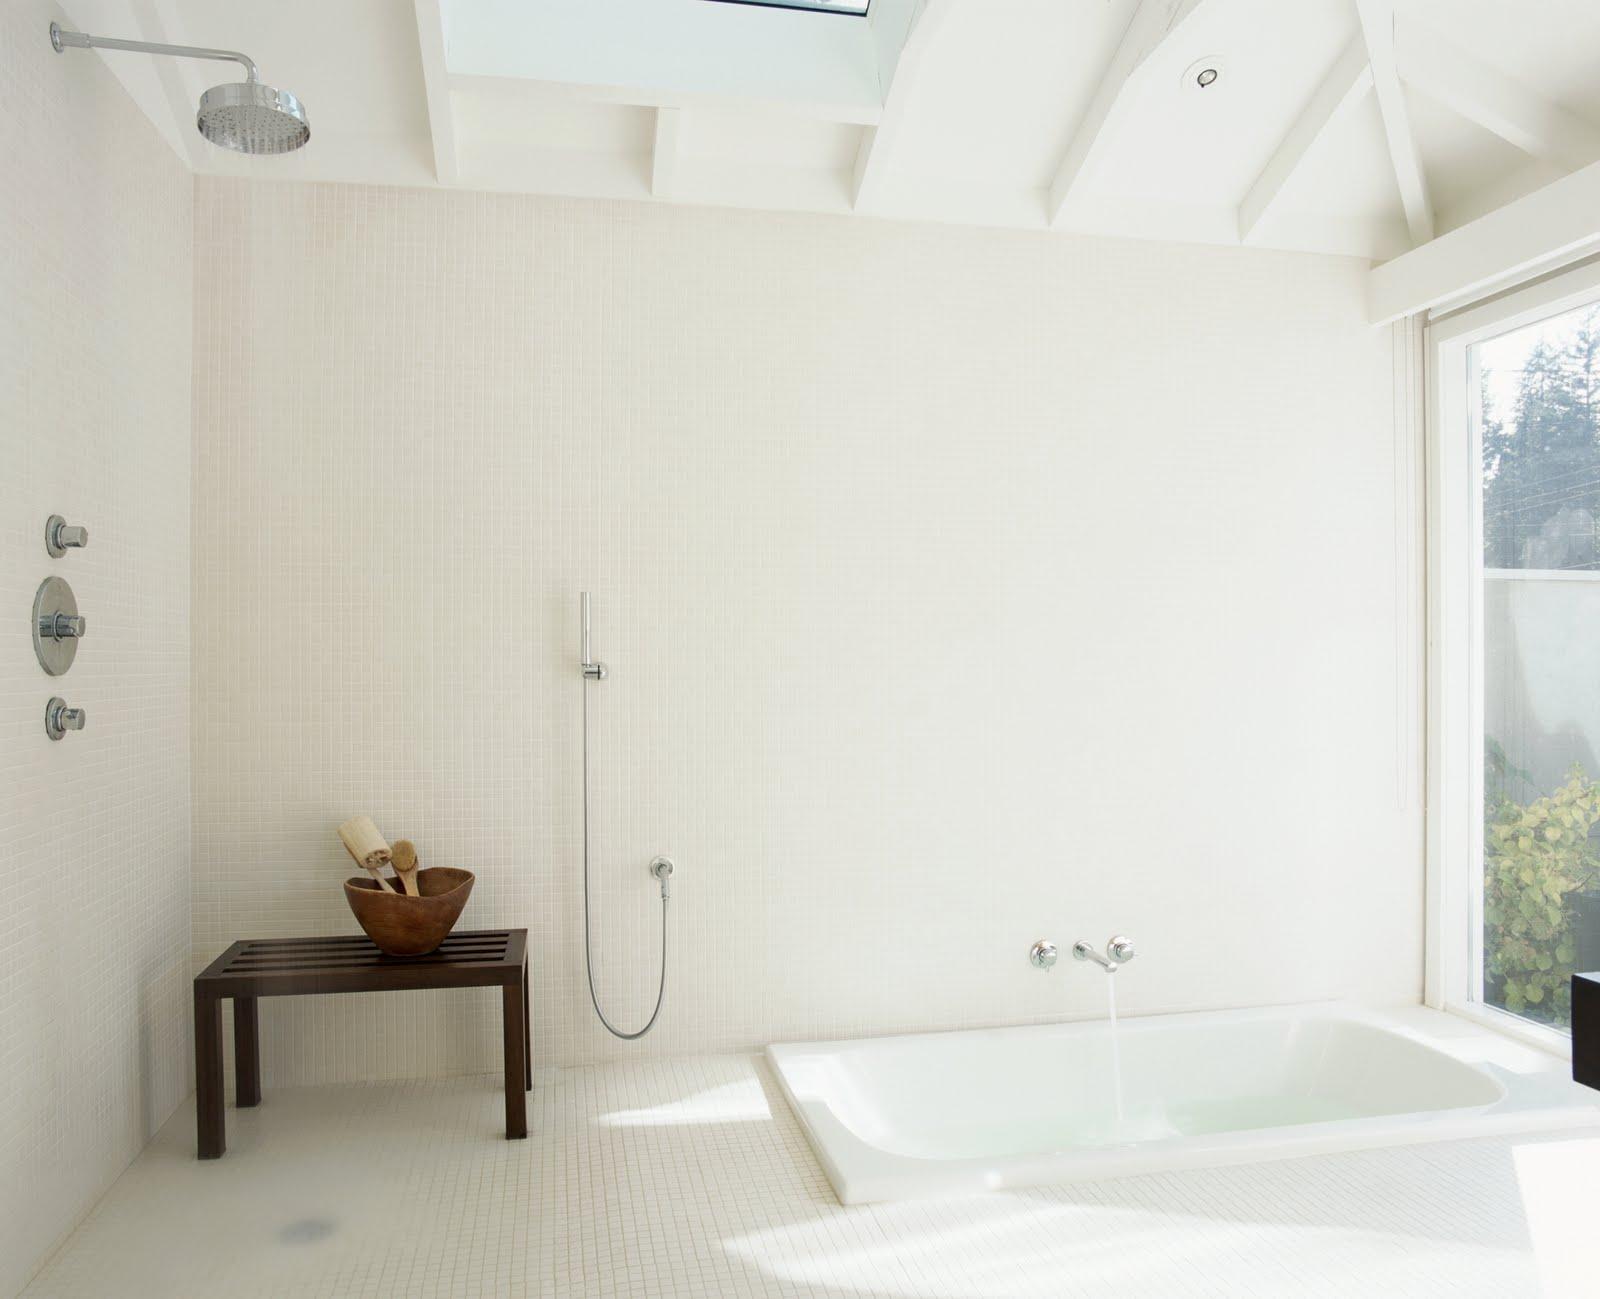 Apartment Interior Design Photo Gallery